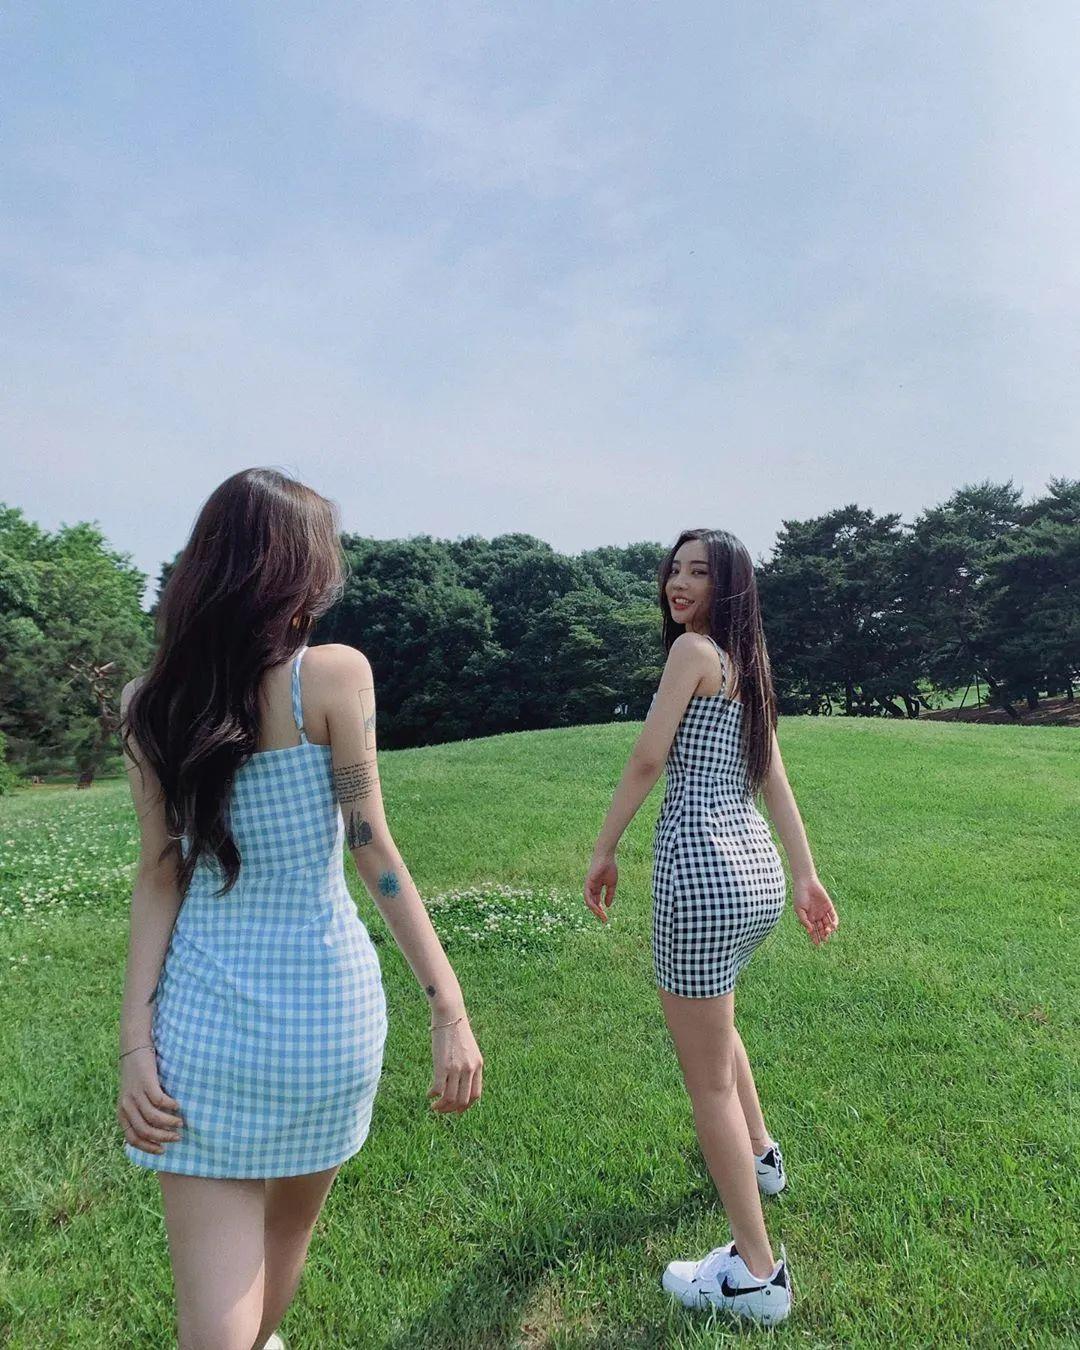 妹子摄影 – 格子连衣裙双倍快乐姐妹花,这是在野炊吗?_图片 No.7